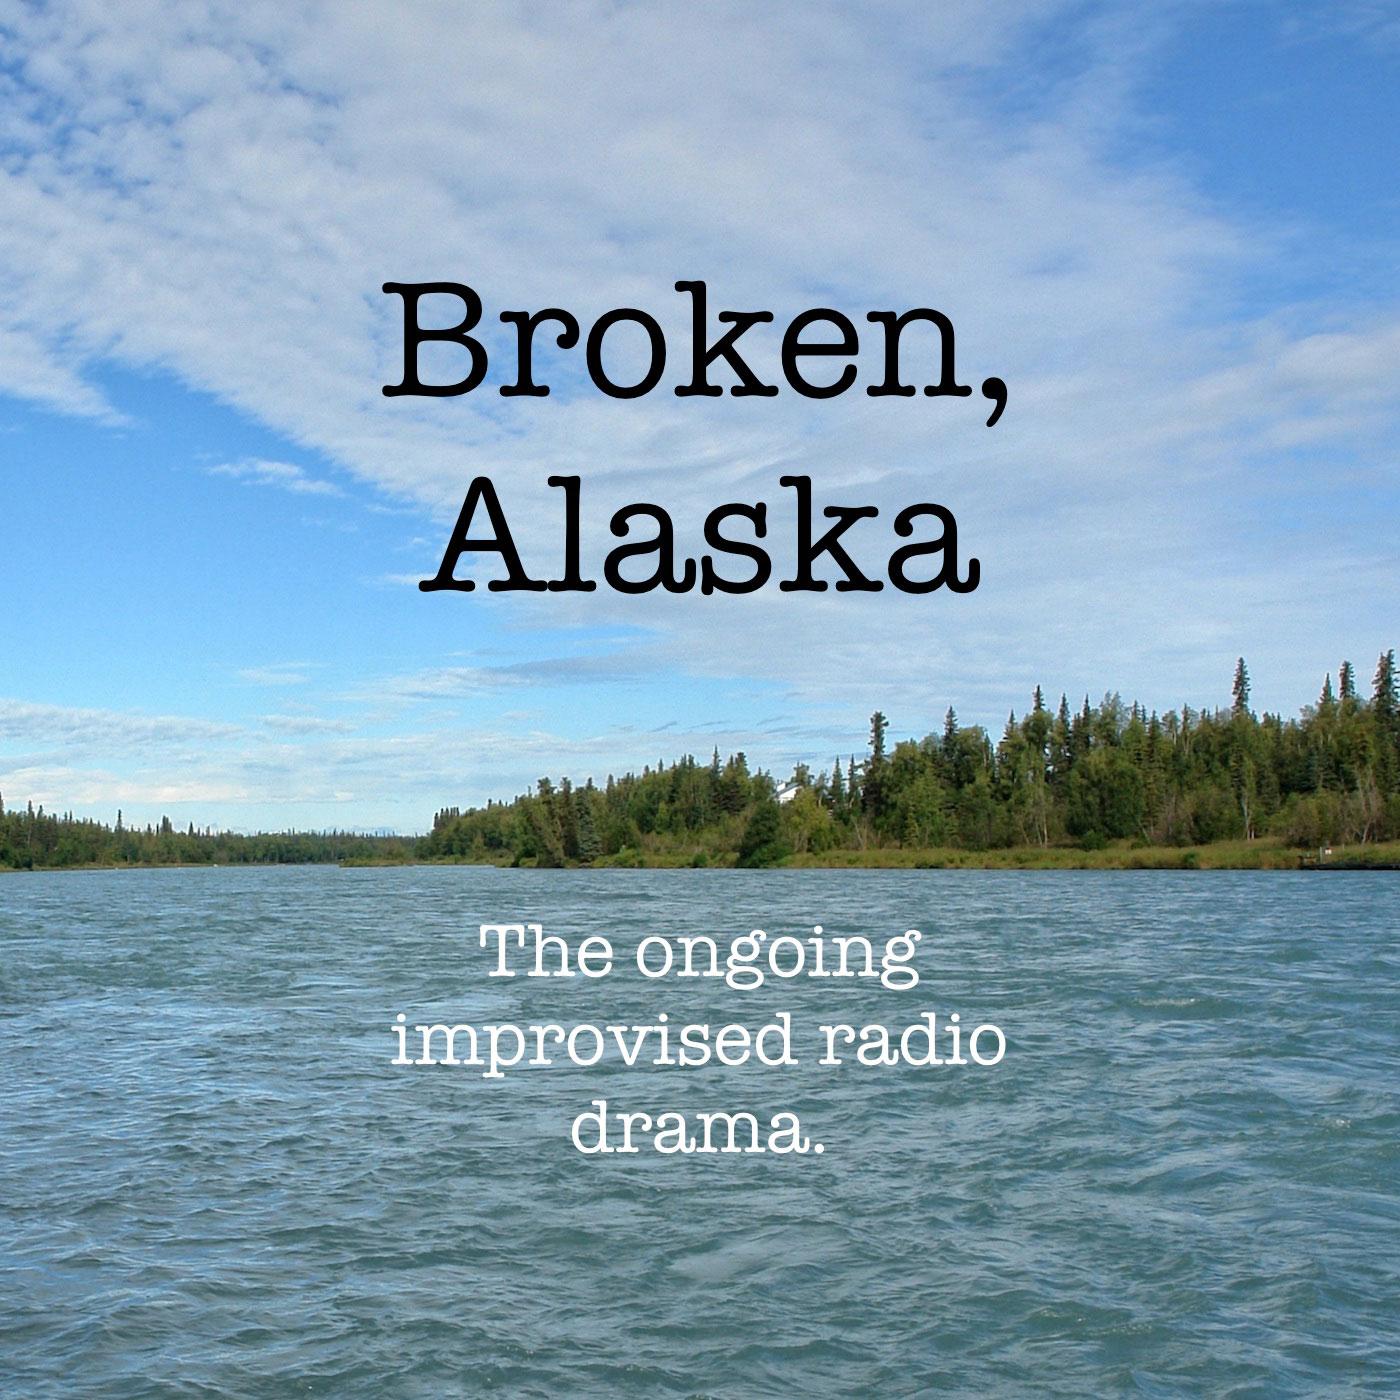 47. The Breaking of Broken